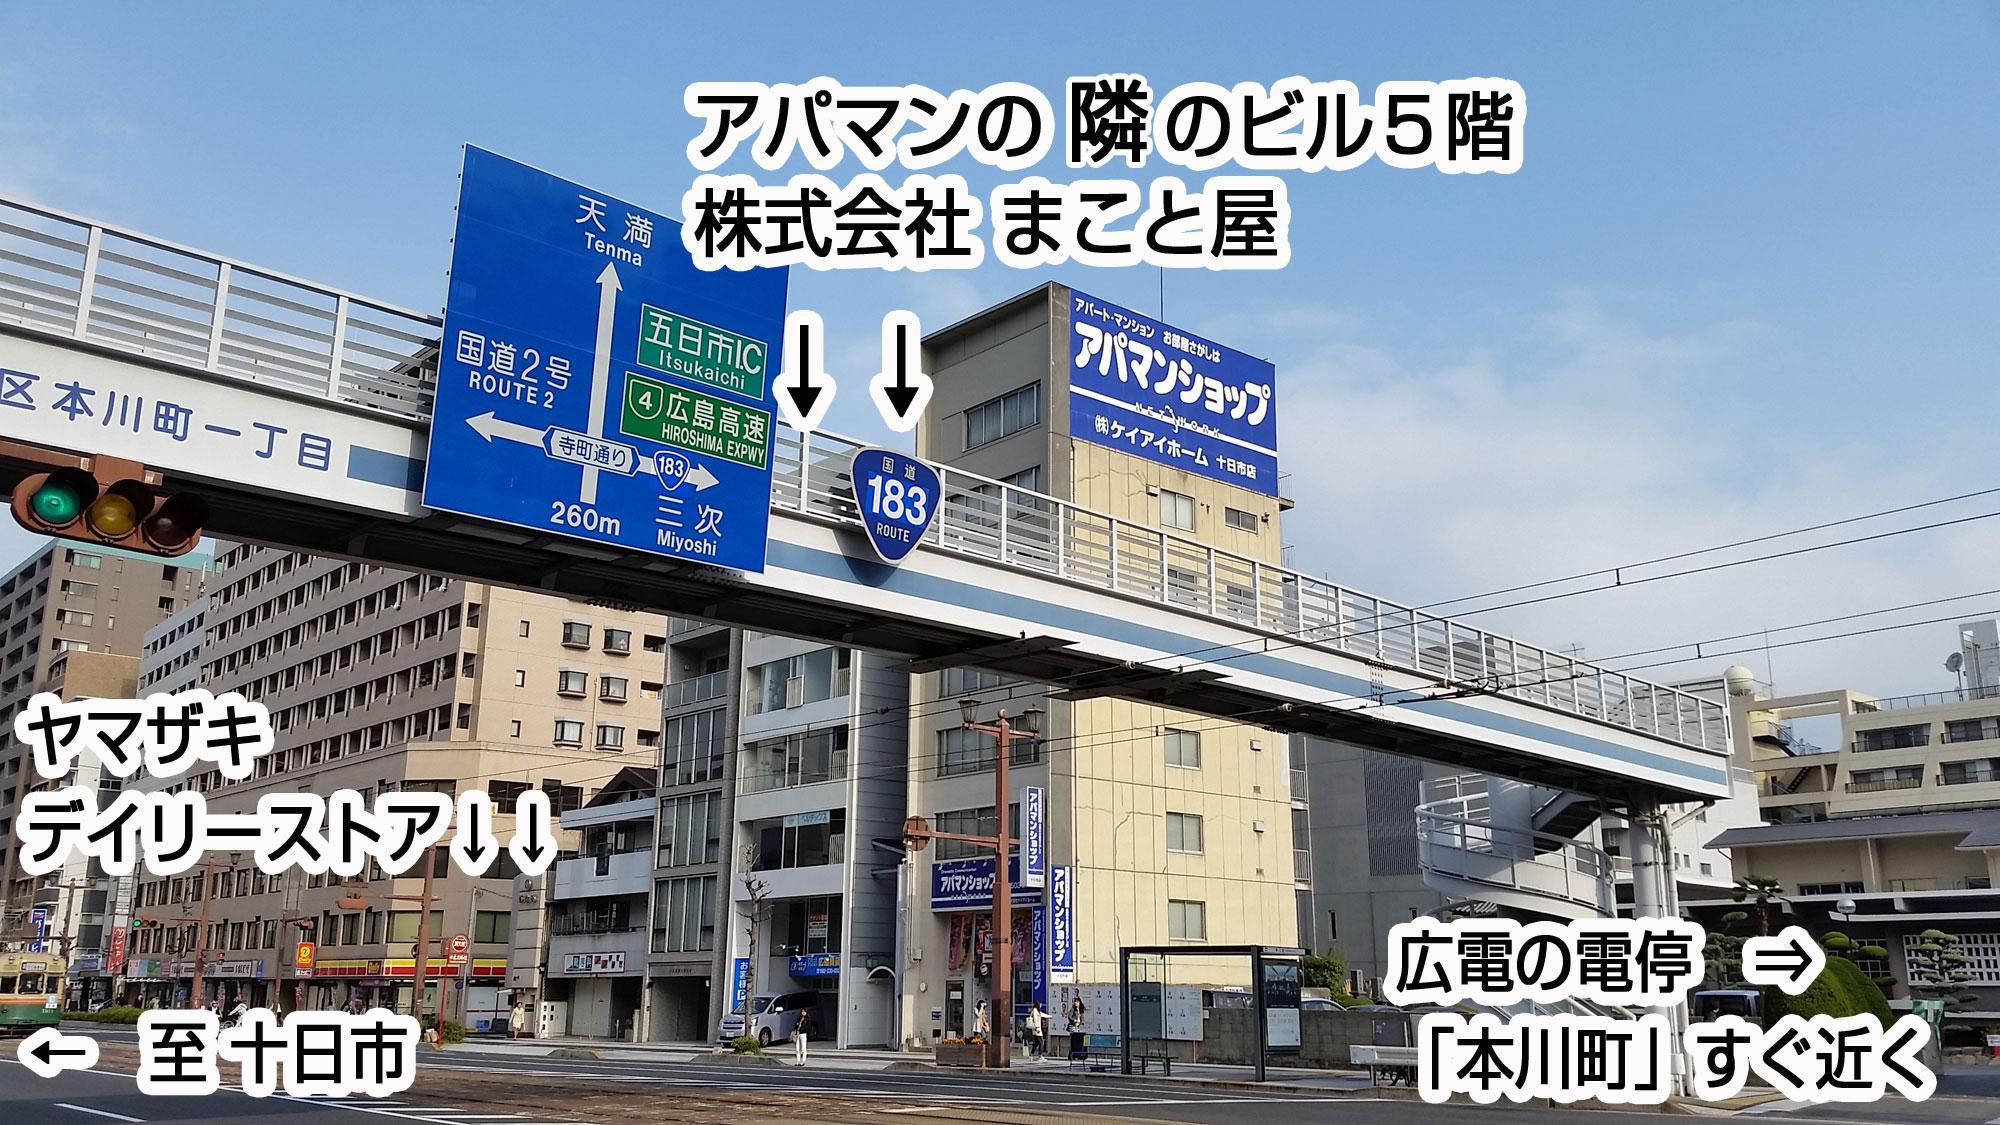 株式会社まこと屋教育事業部アクセス